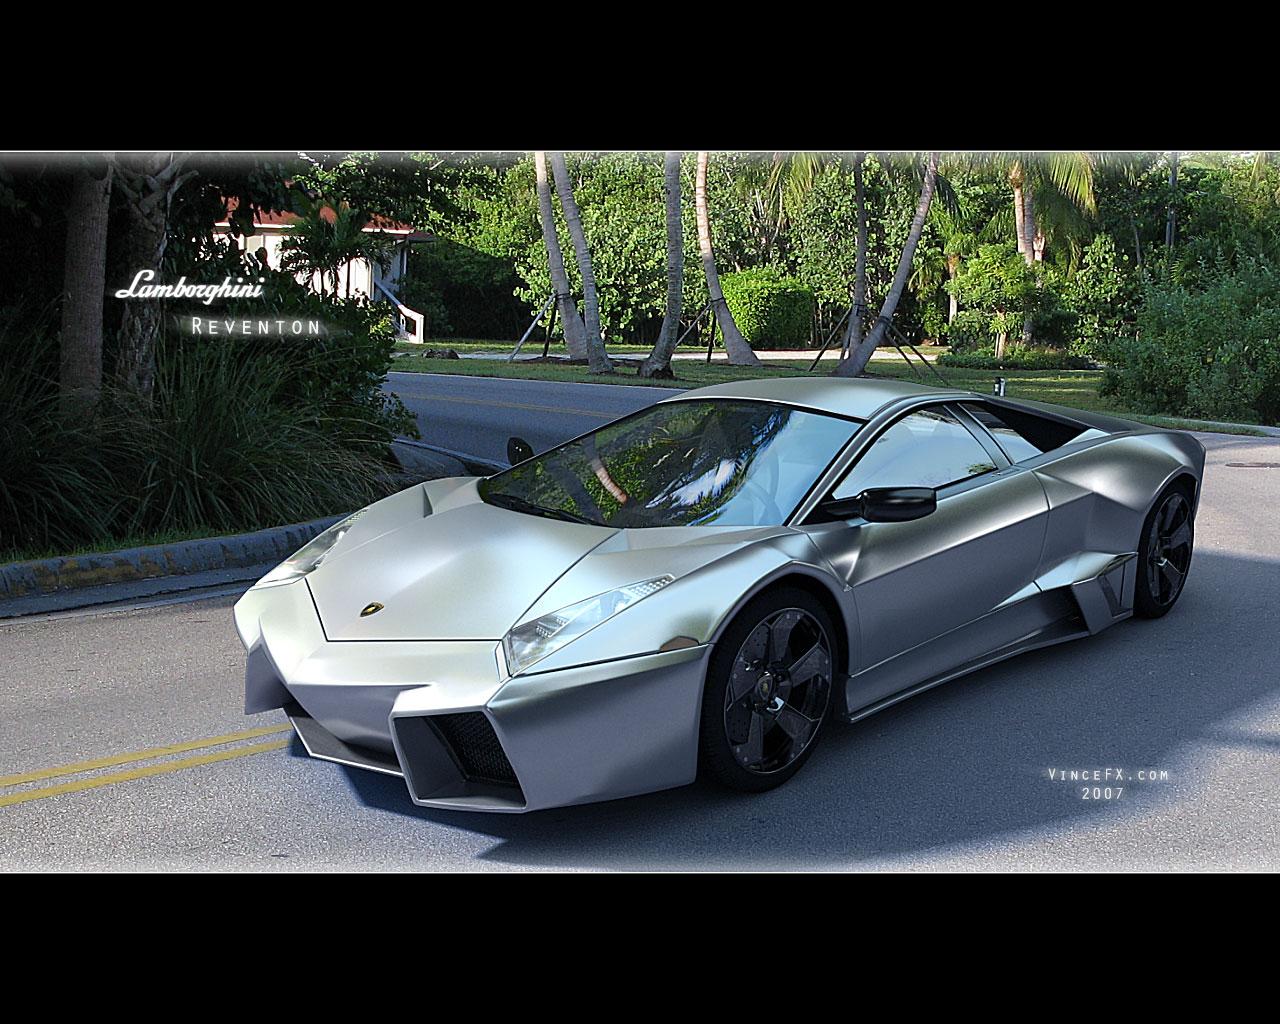 Lamborghini Reventón (Imagenes)